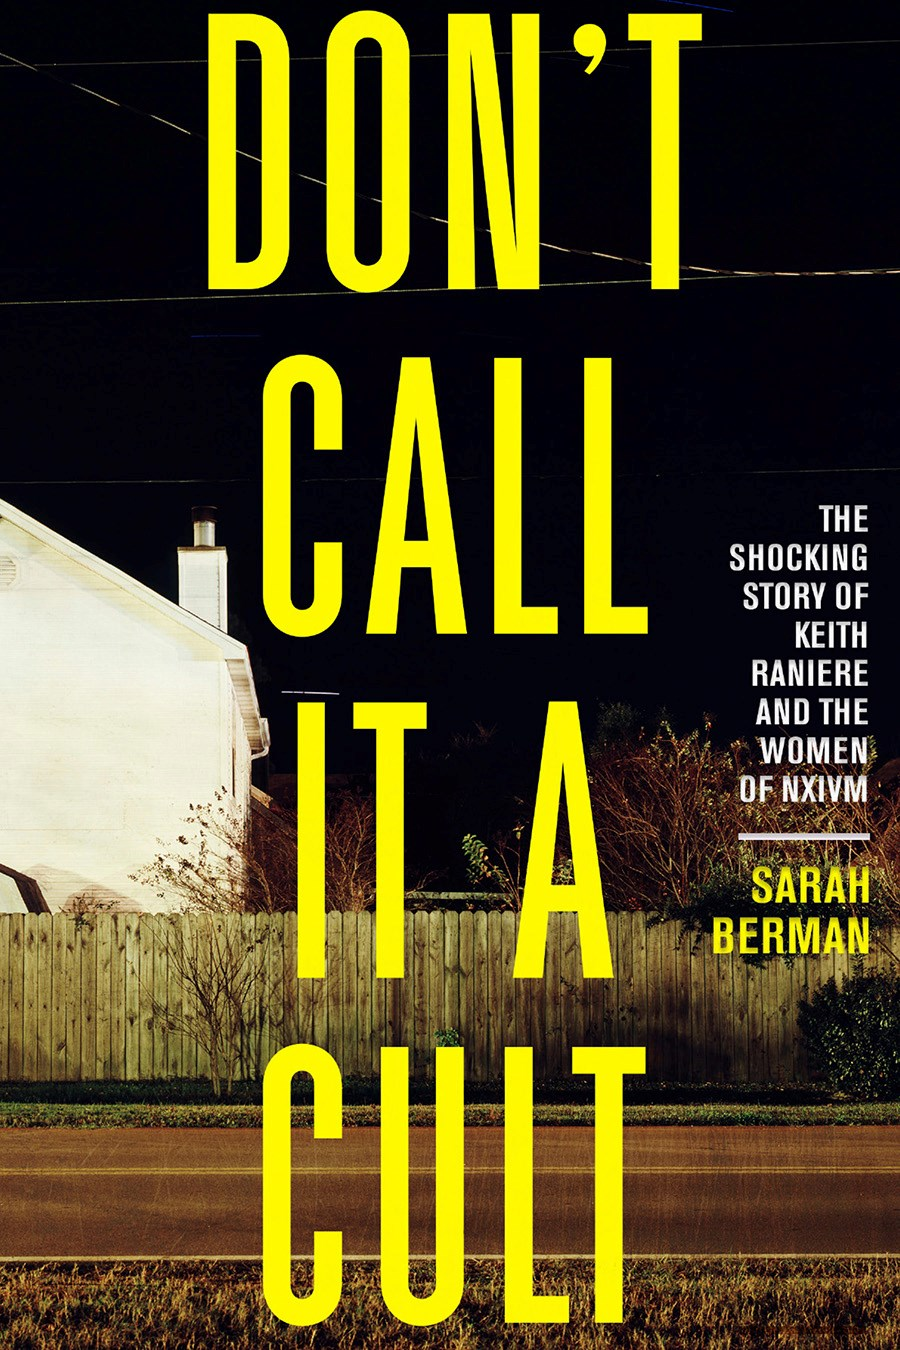 nxivm-cult-book-cover